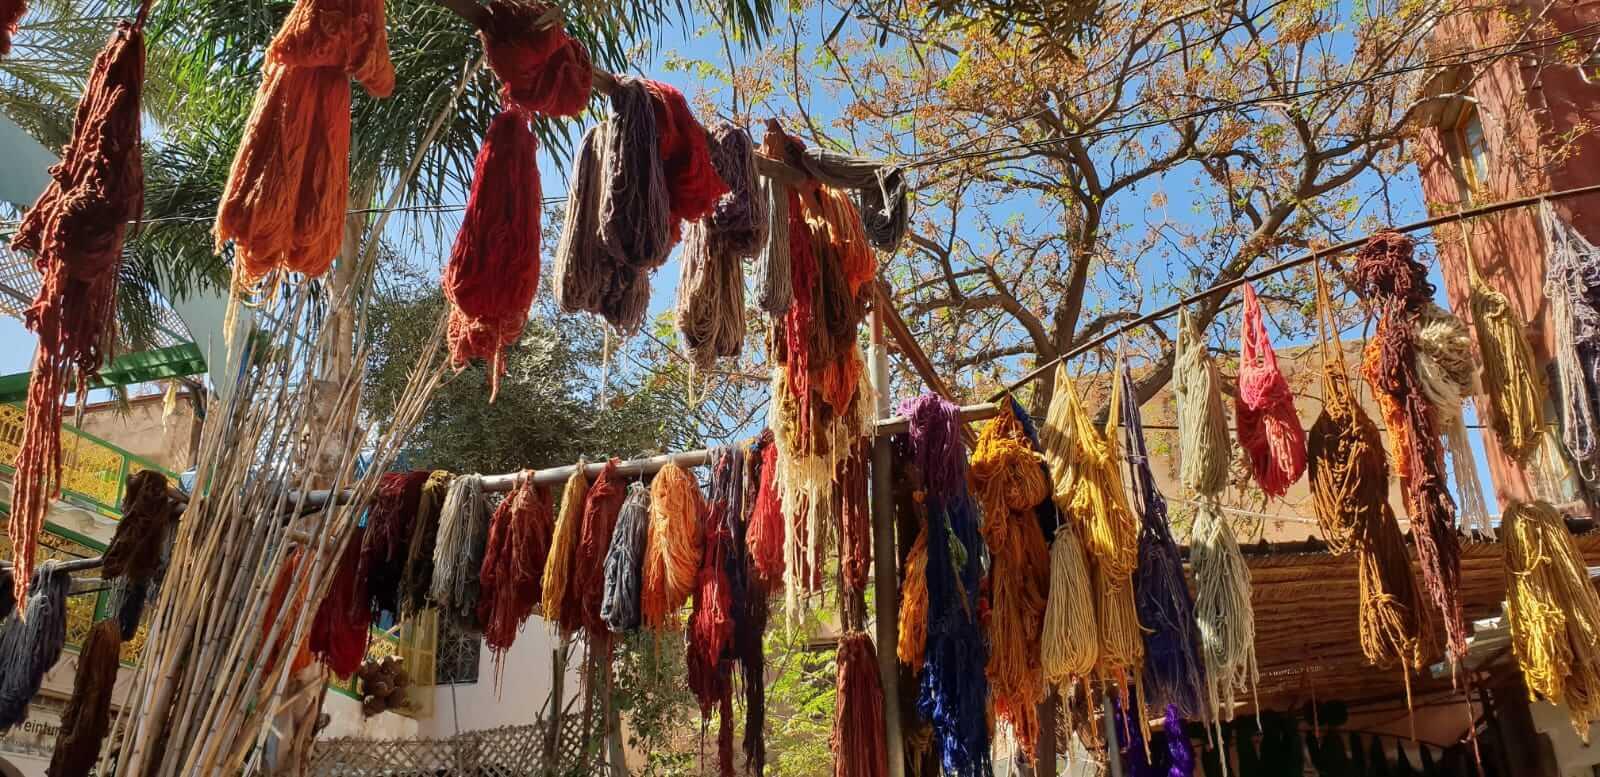 Trocknung der Wolle in Marrakesch